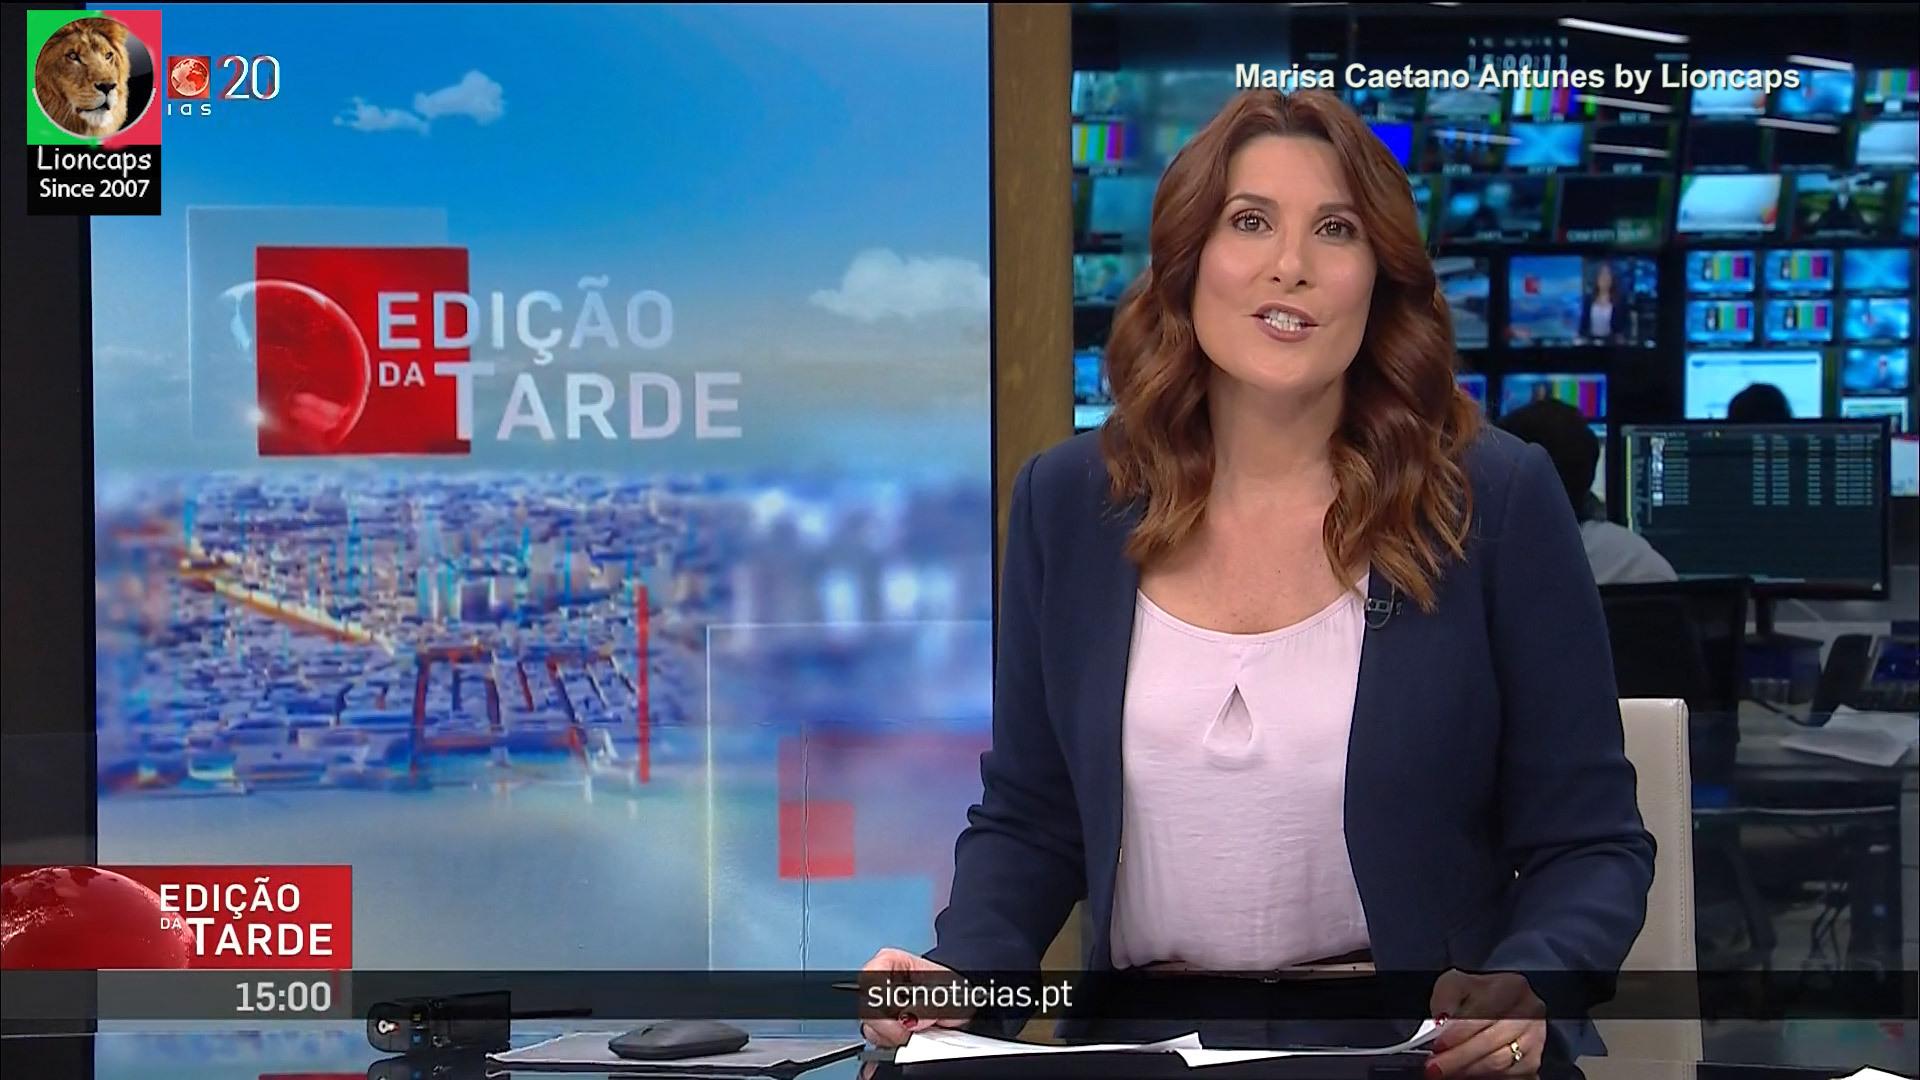 marisa_caetano_antunes_lioncaps_24_07_2021 (16).jpg